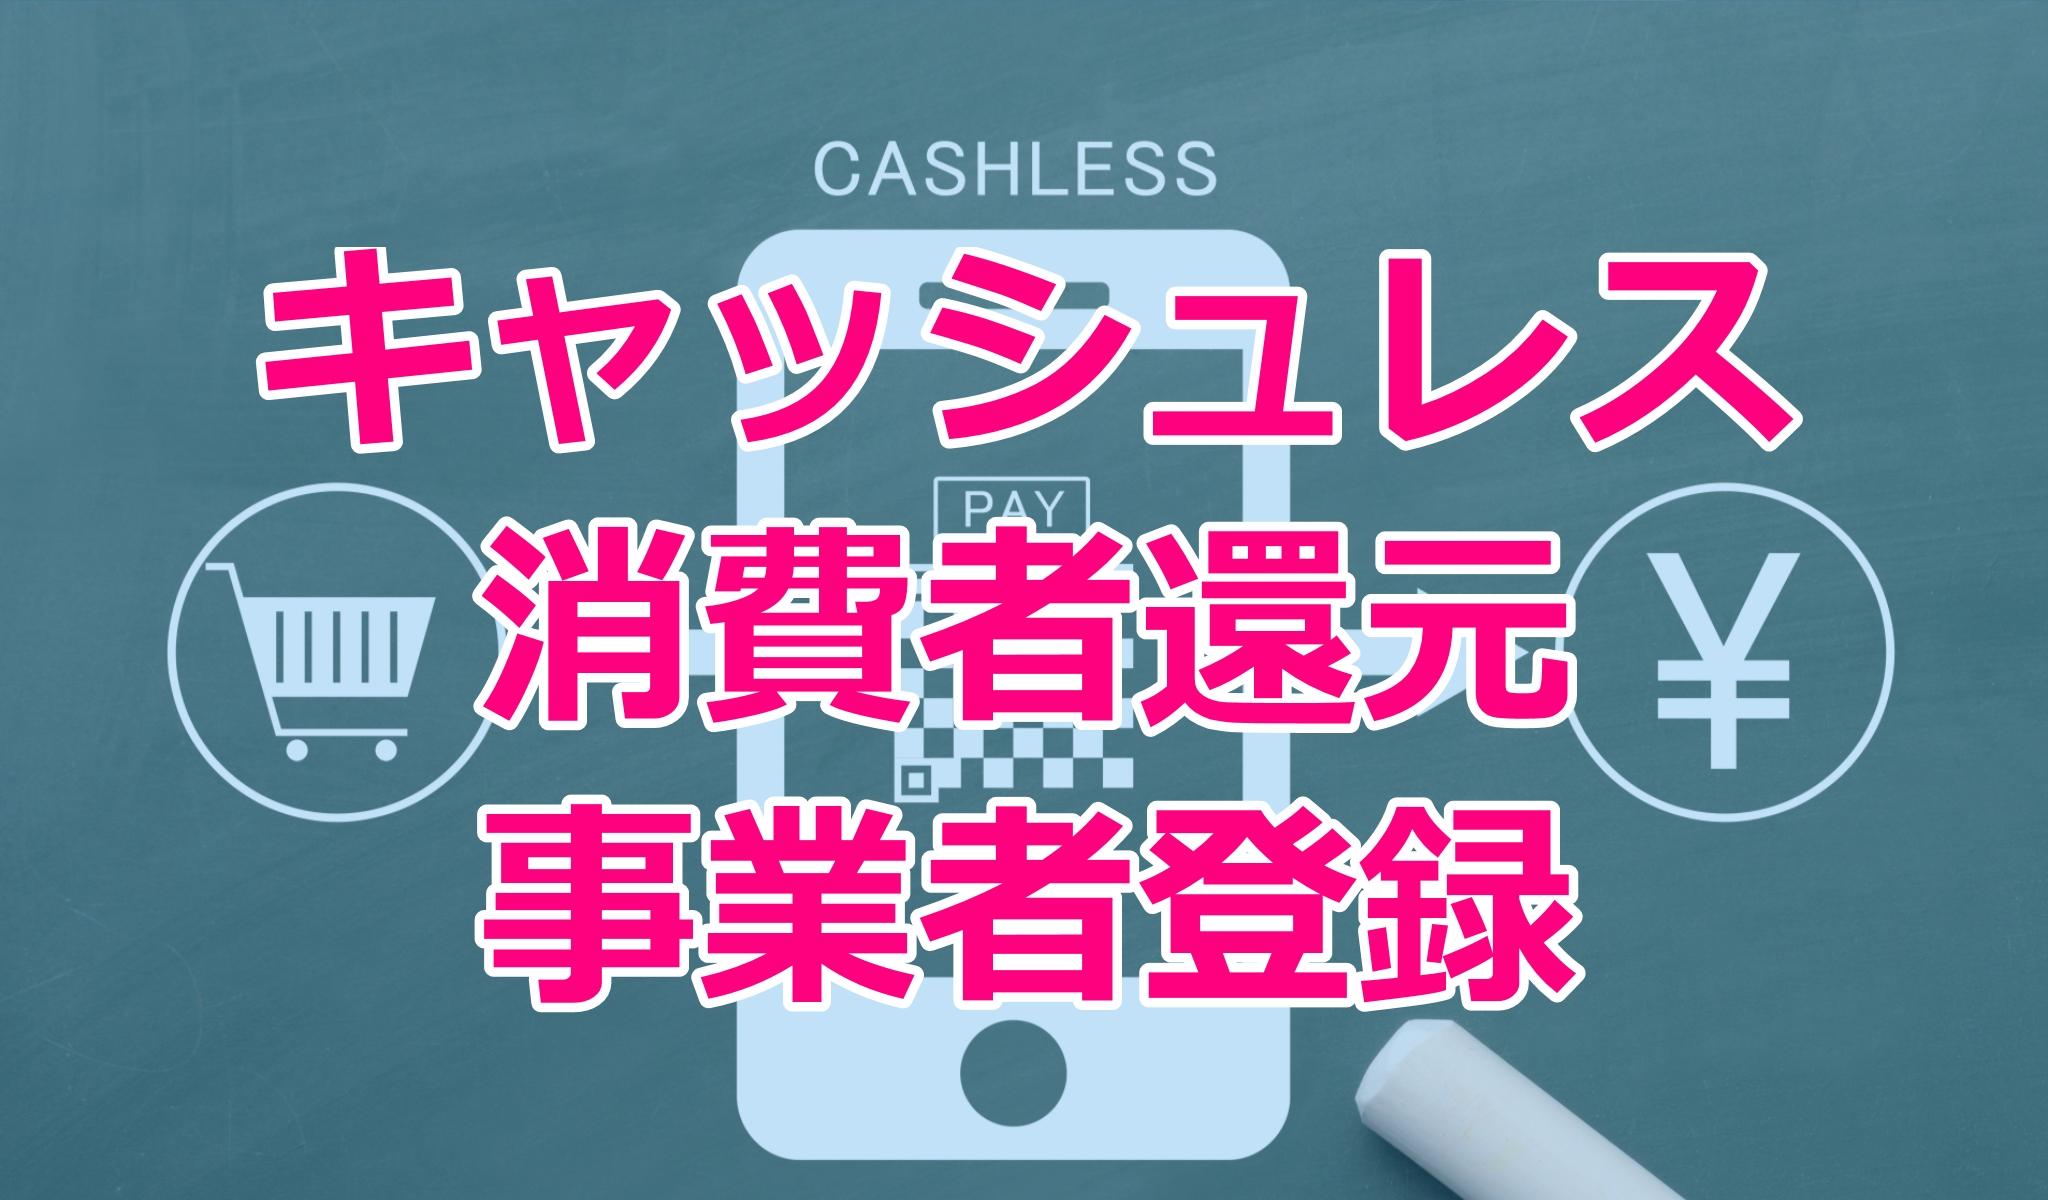 キャッシュレス消費者還元事業者登録